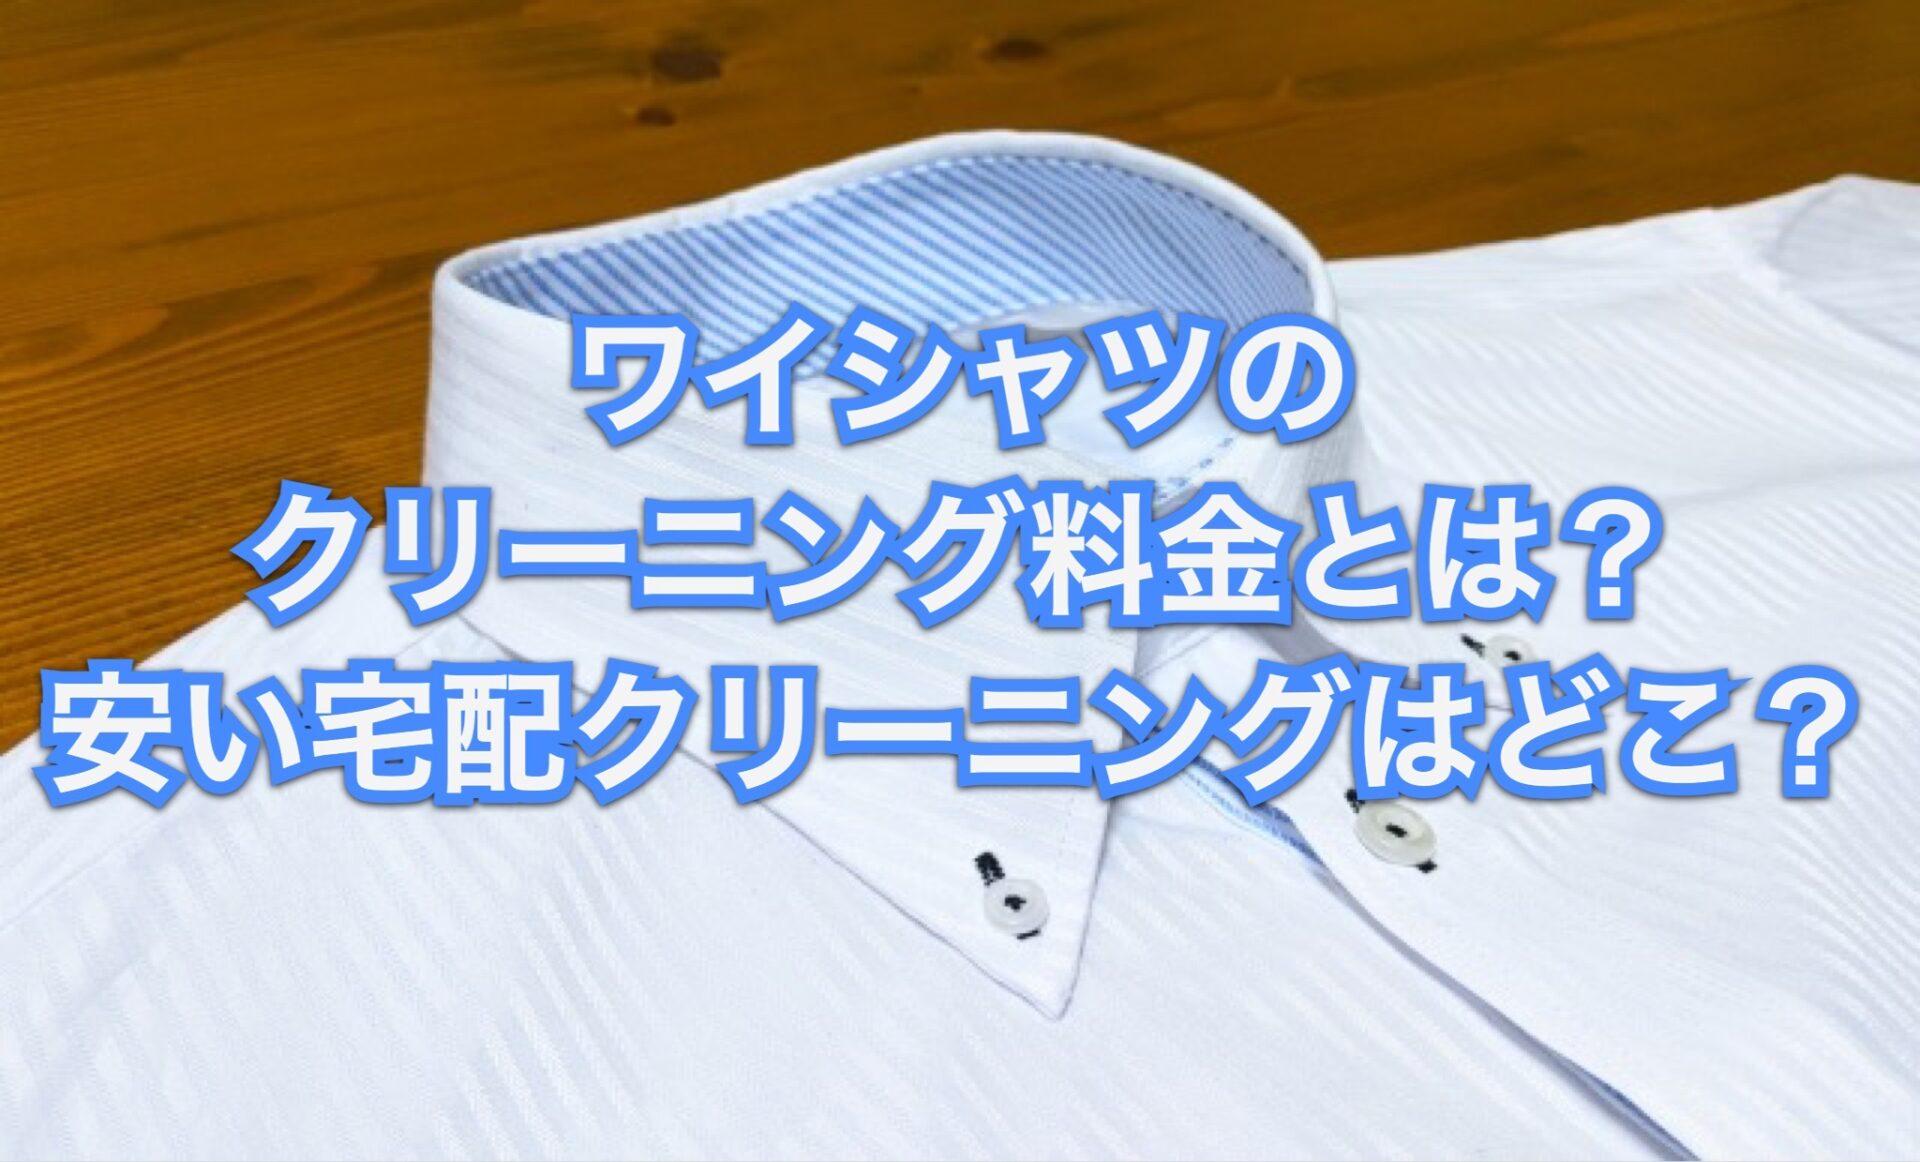 ワイシャツのクリーニング料金とは?安い宅配クリーニングはどこ?